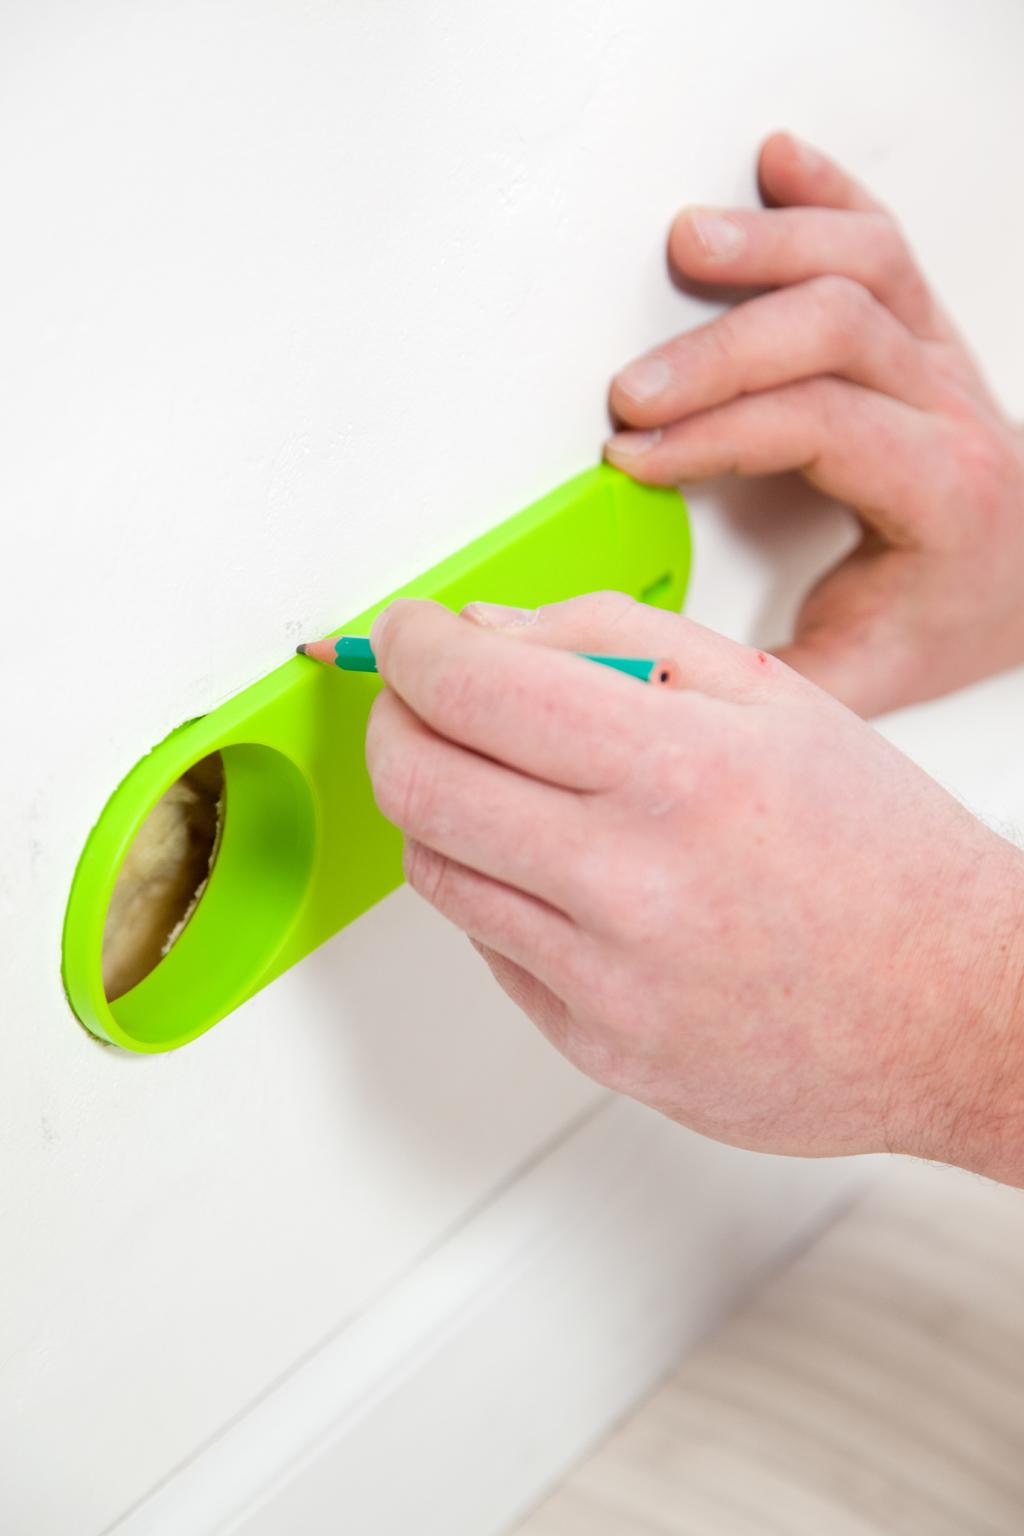 Installer un boîtrier de prise étanche à l'air